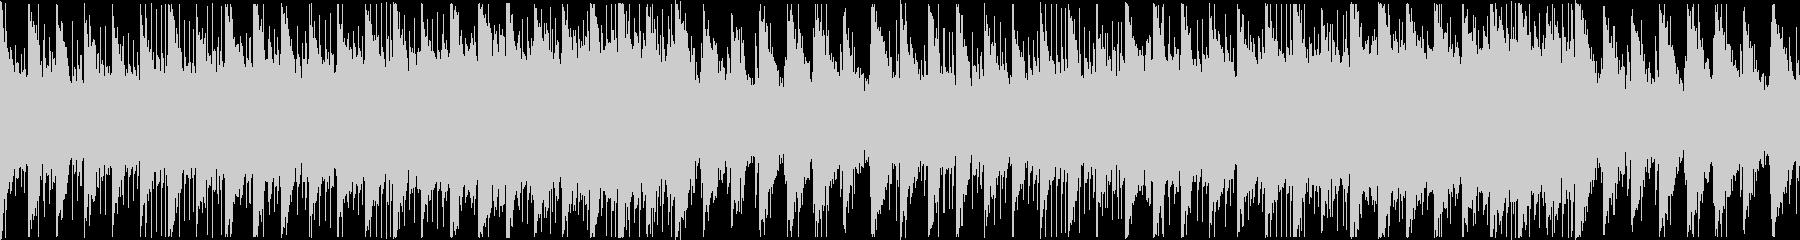 POPS風の優しいBGMの未再生の波形